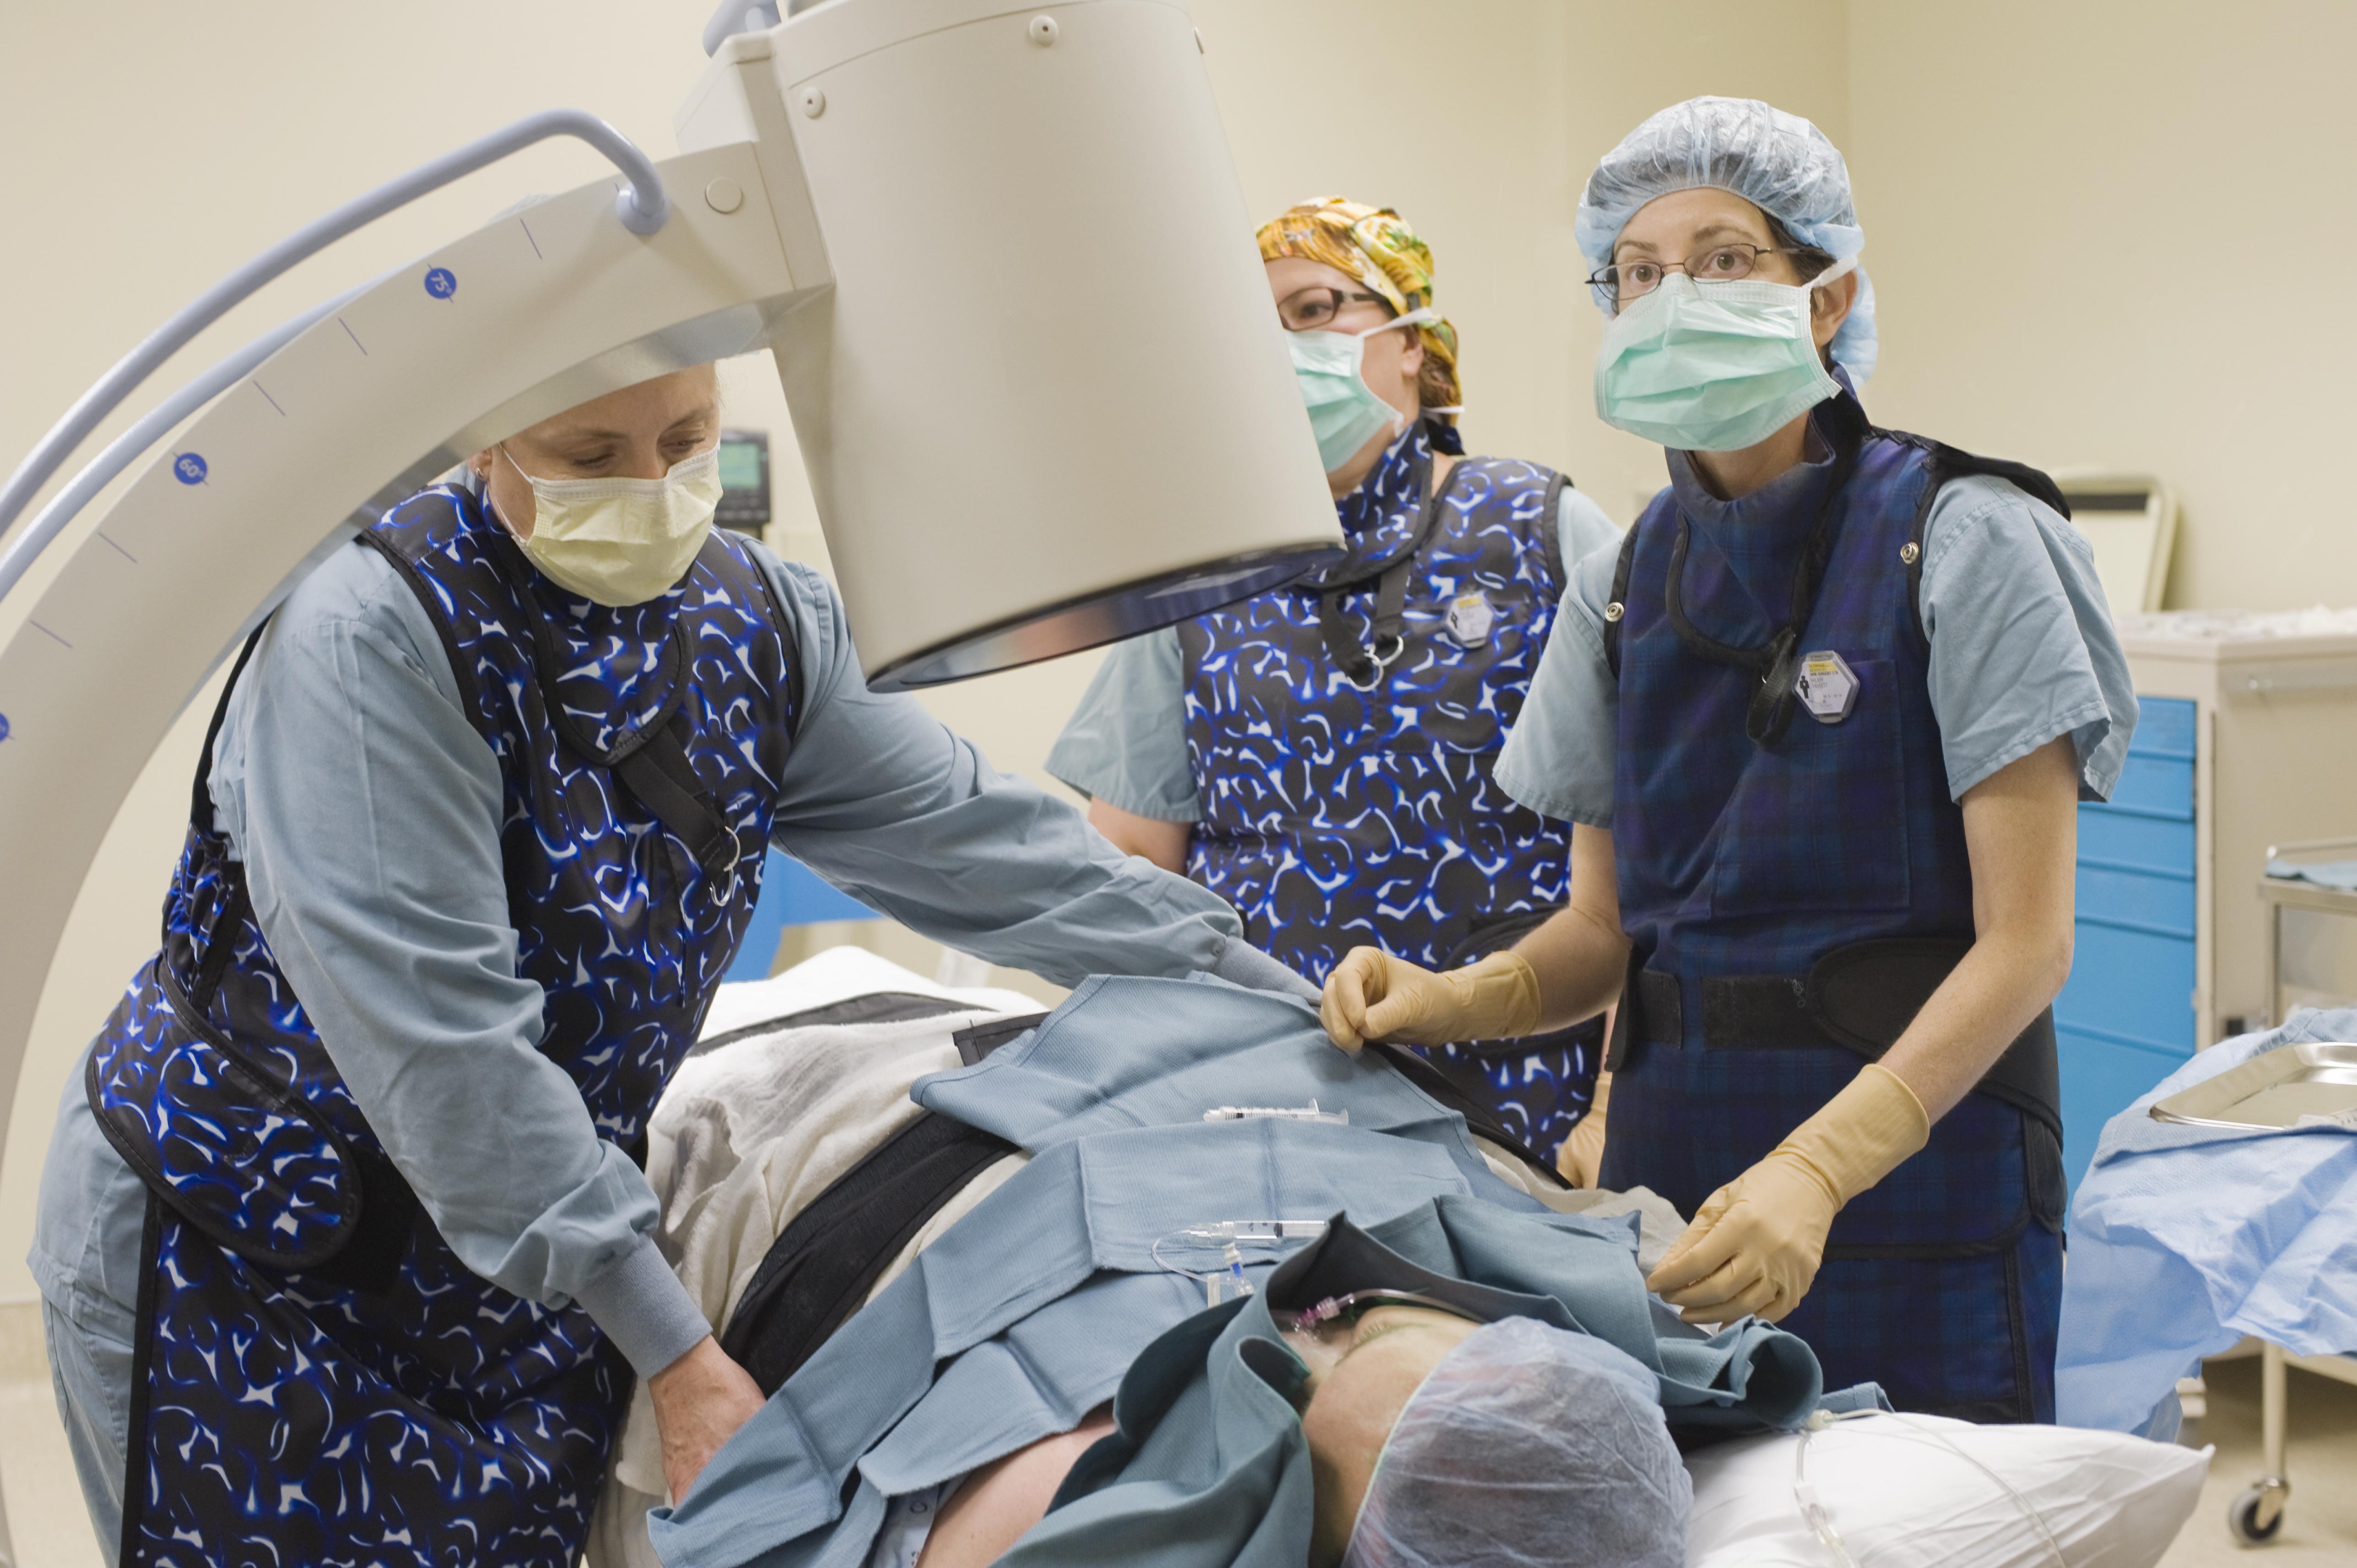 Surgeon and team position patient under xray machine.